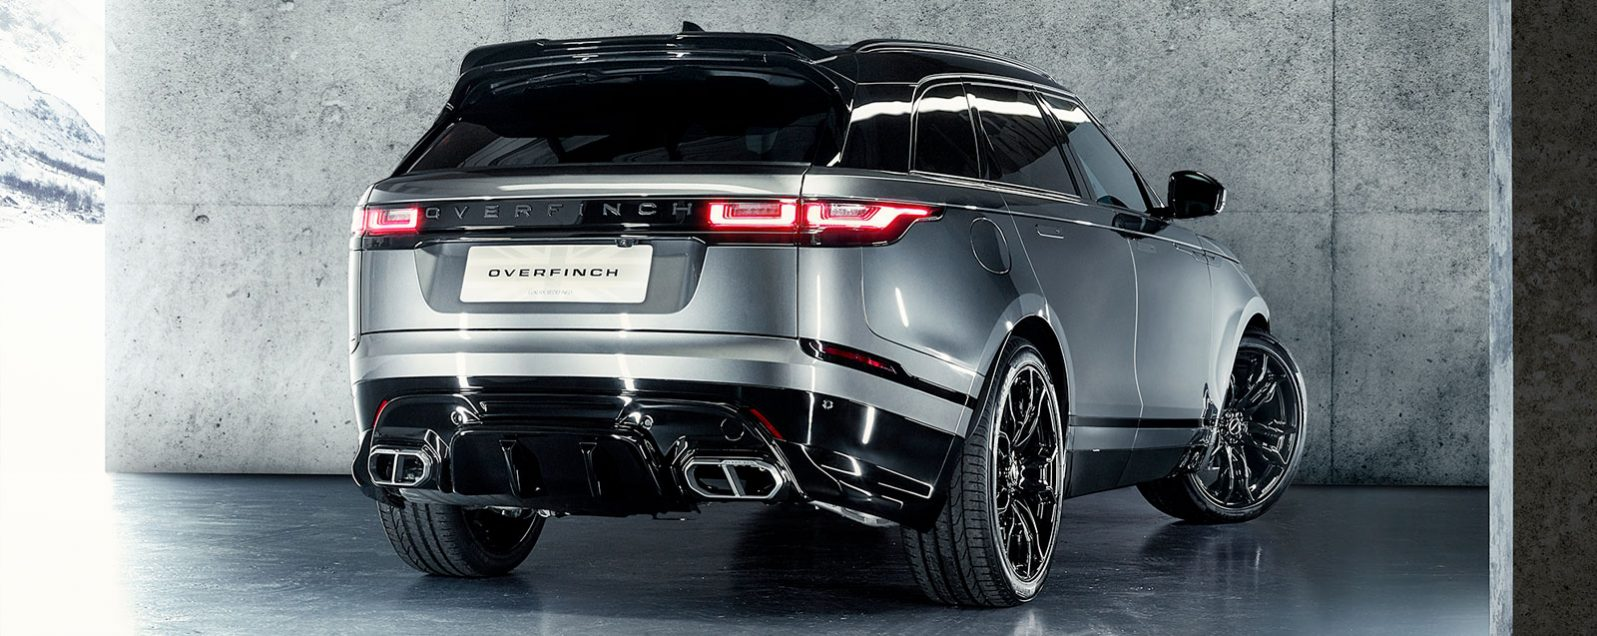 Overfinch Range Rover Super Sport